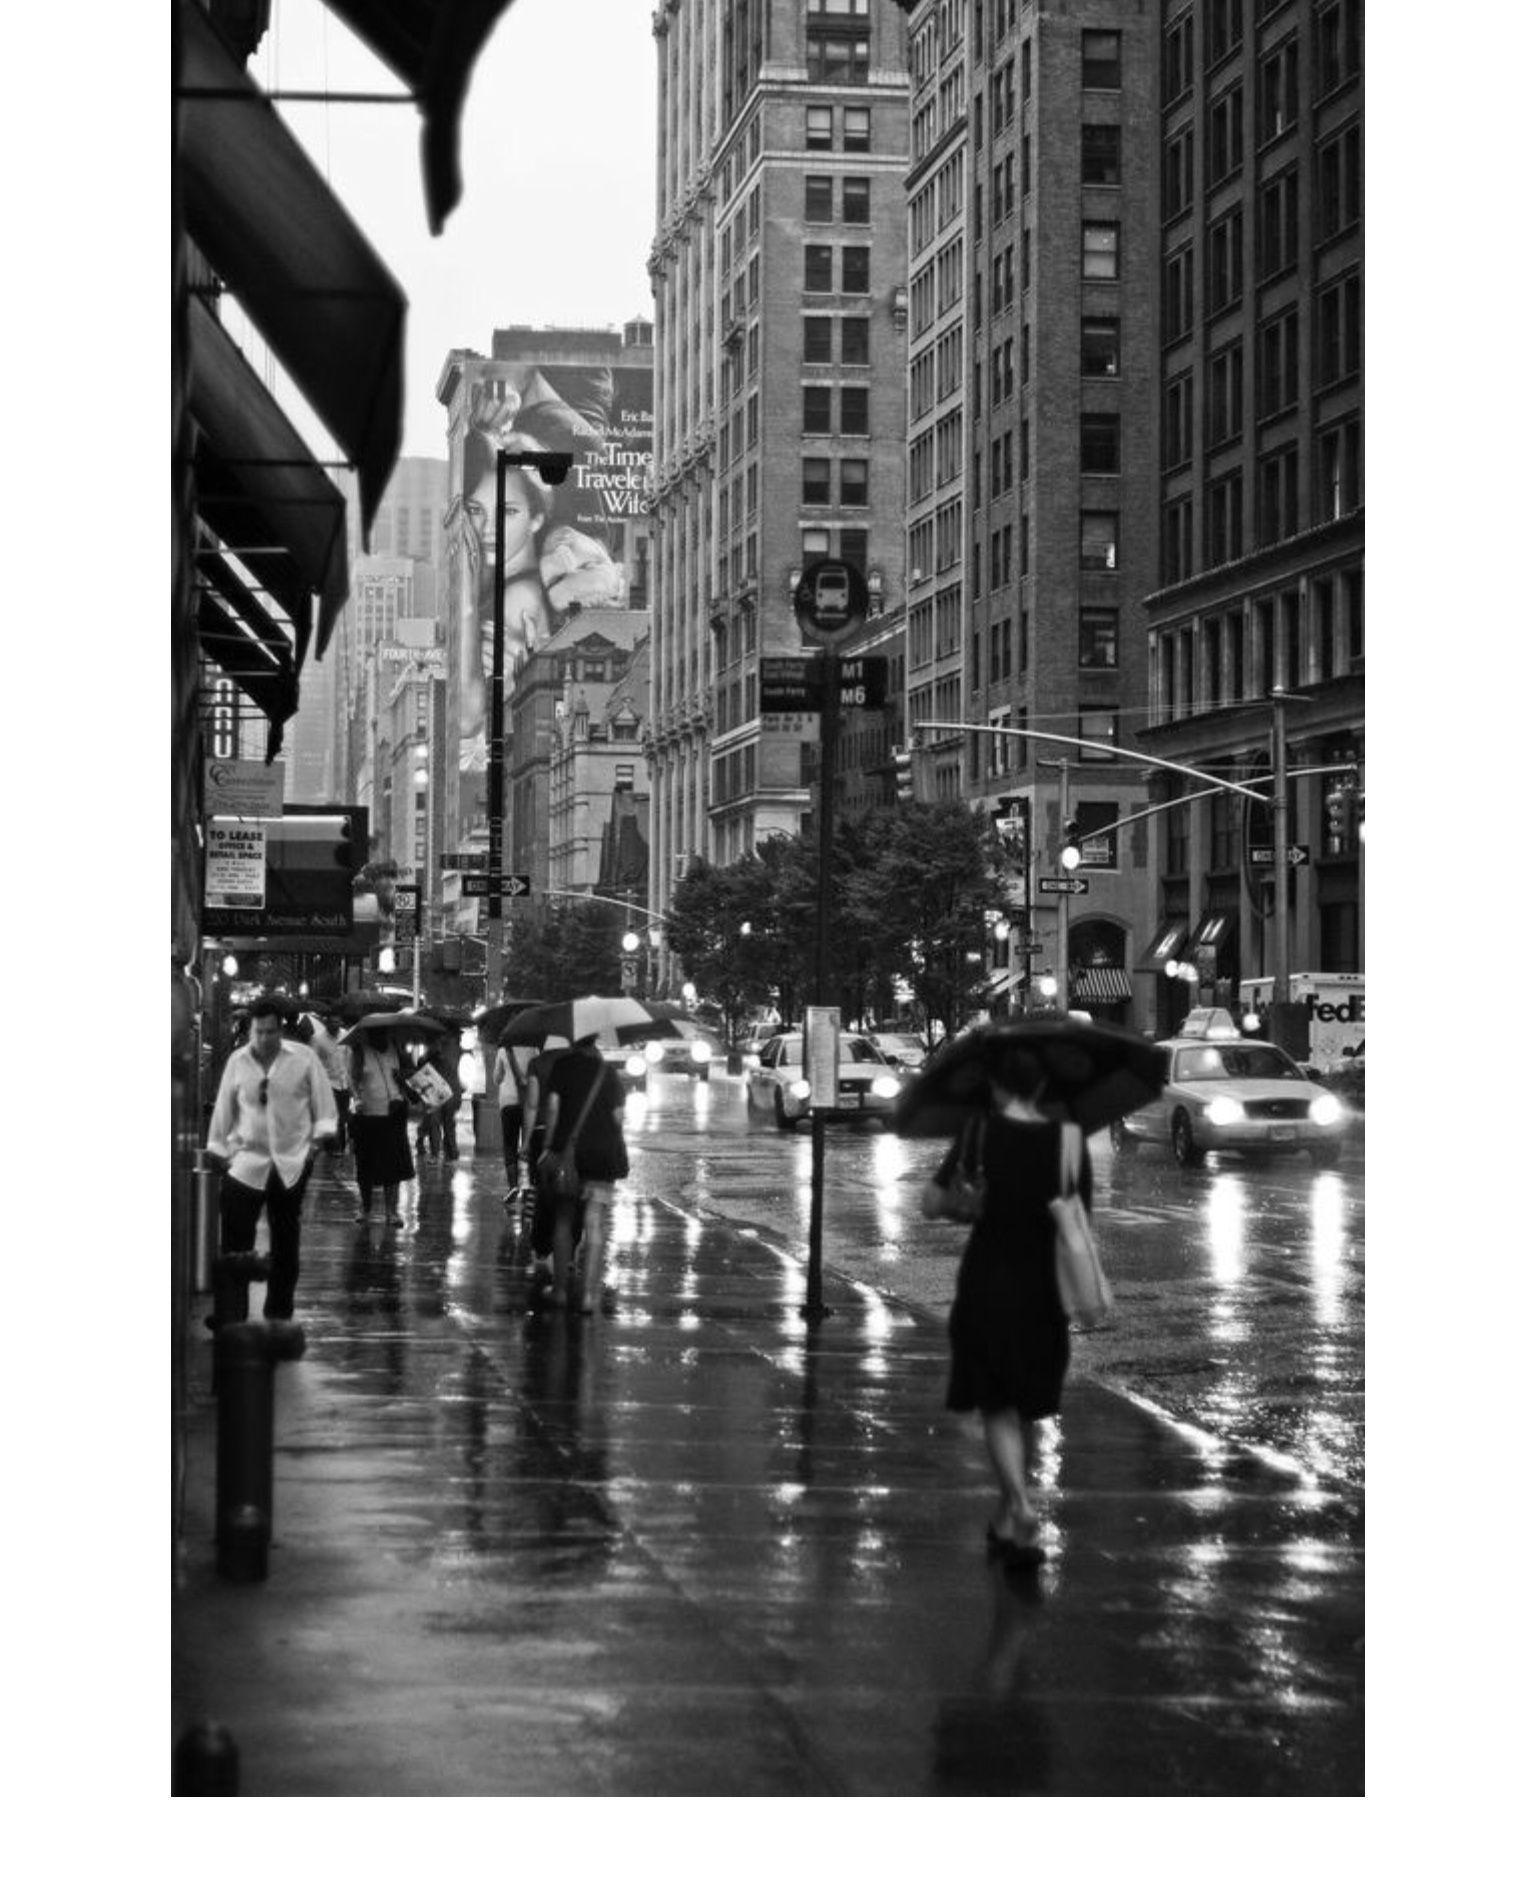 фото любом постеры черно белое фото городская жизнь каждом